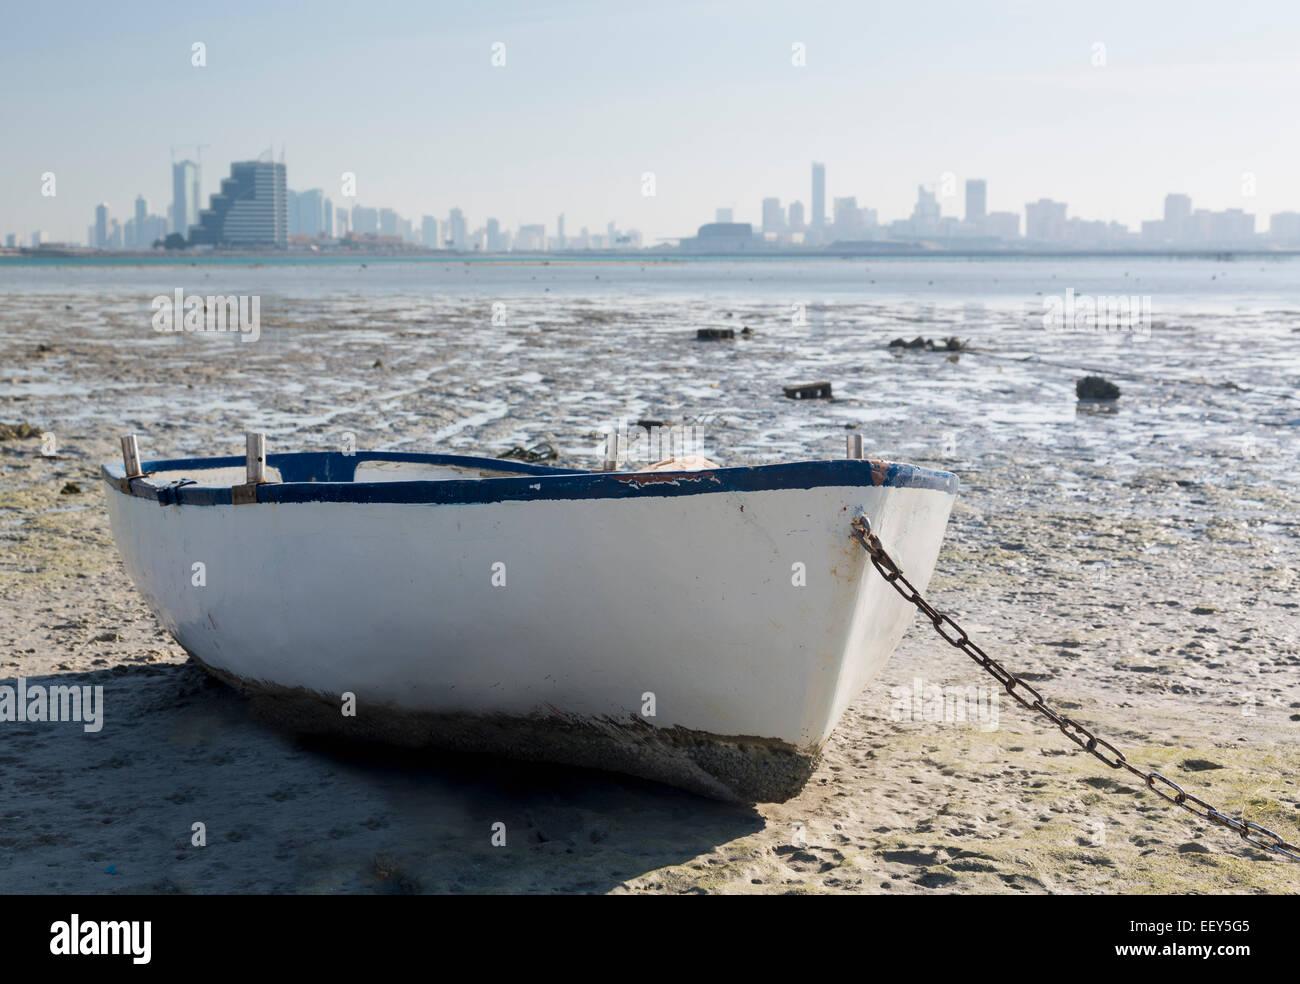 Barca da pesca sul waterside affacciato Manama, Bahrein, Medio Oriente Immagini Stock